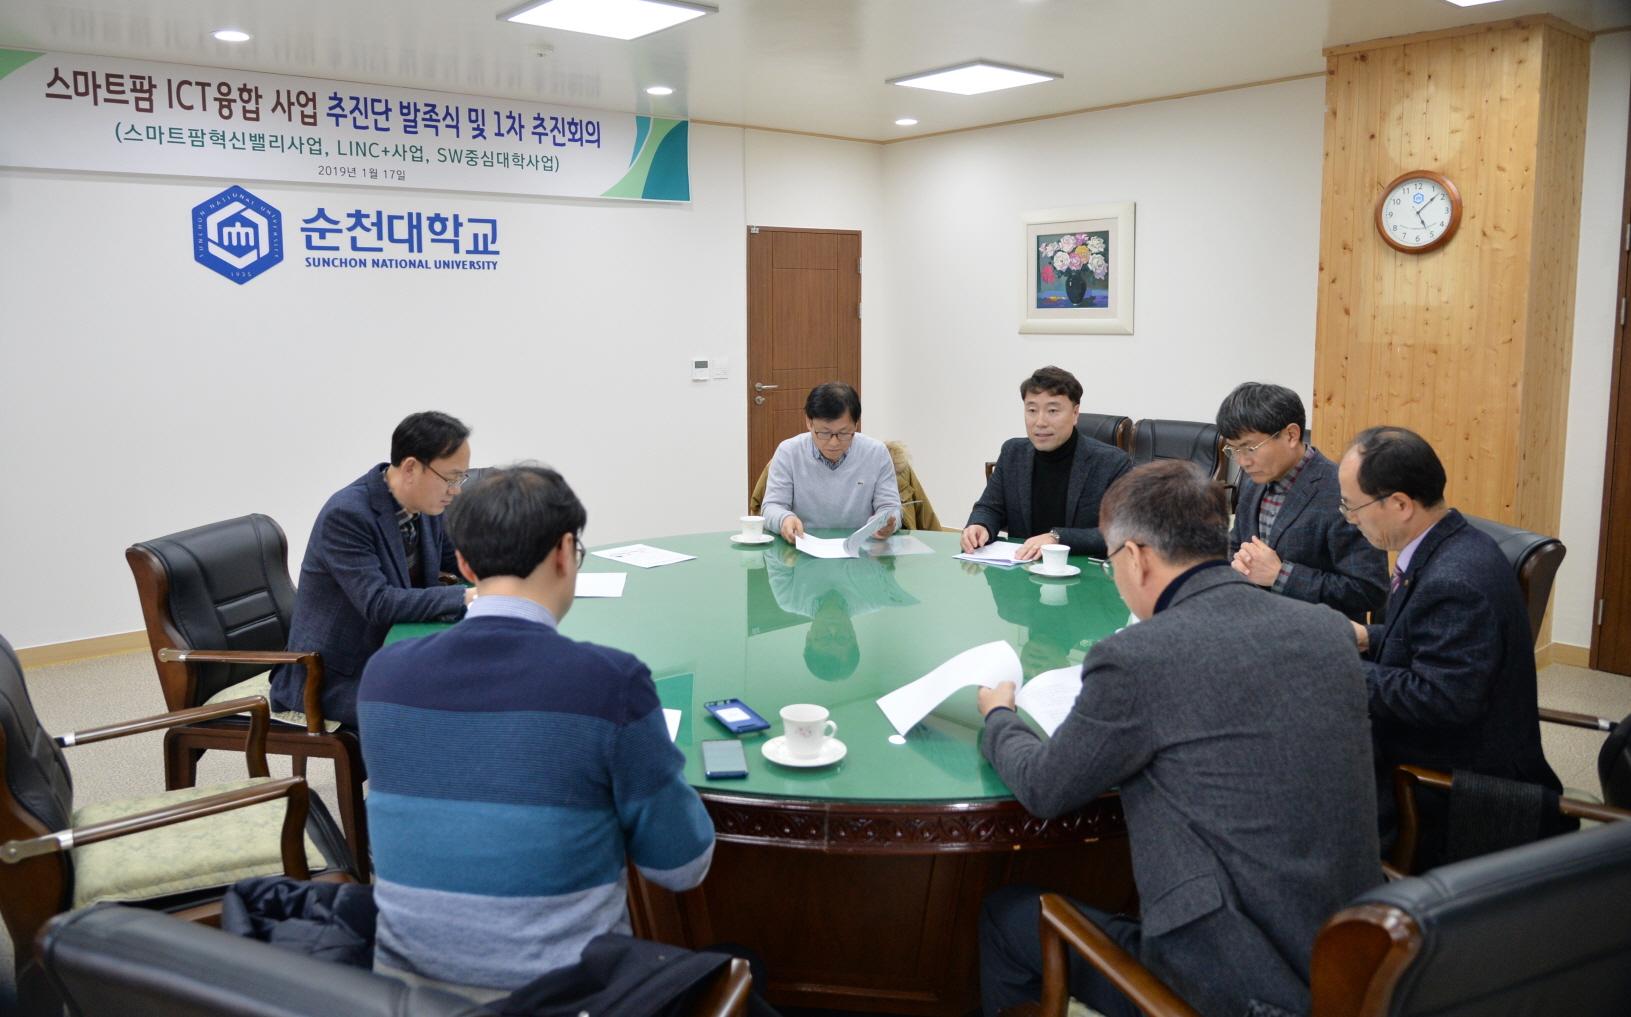 순천대, '스마트팜 ICT융합 사업 추진단' 구성 및 1차 회의 개최